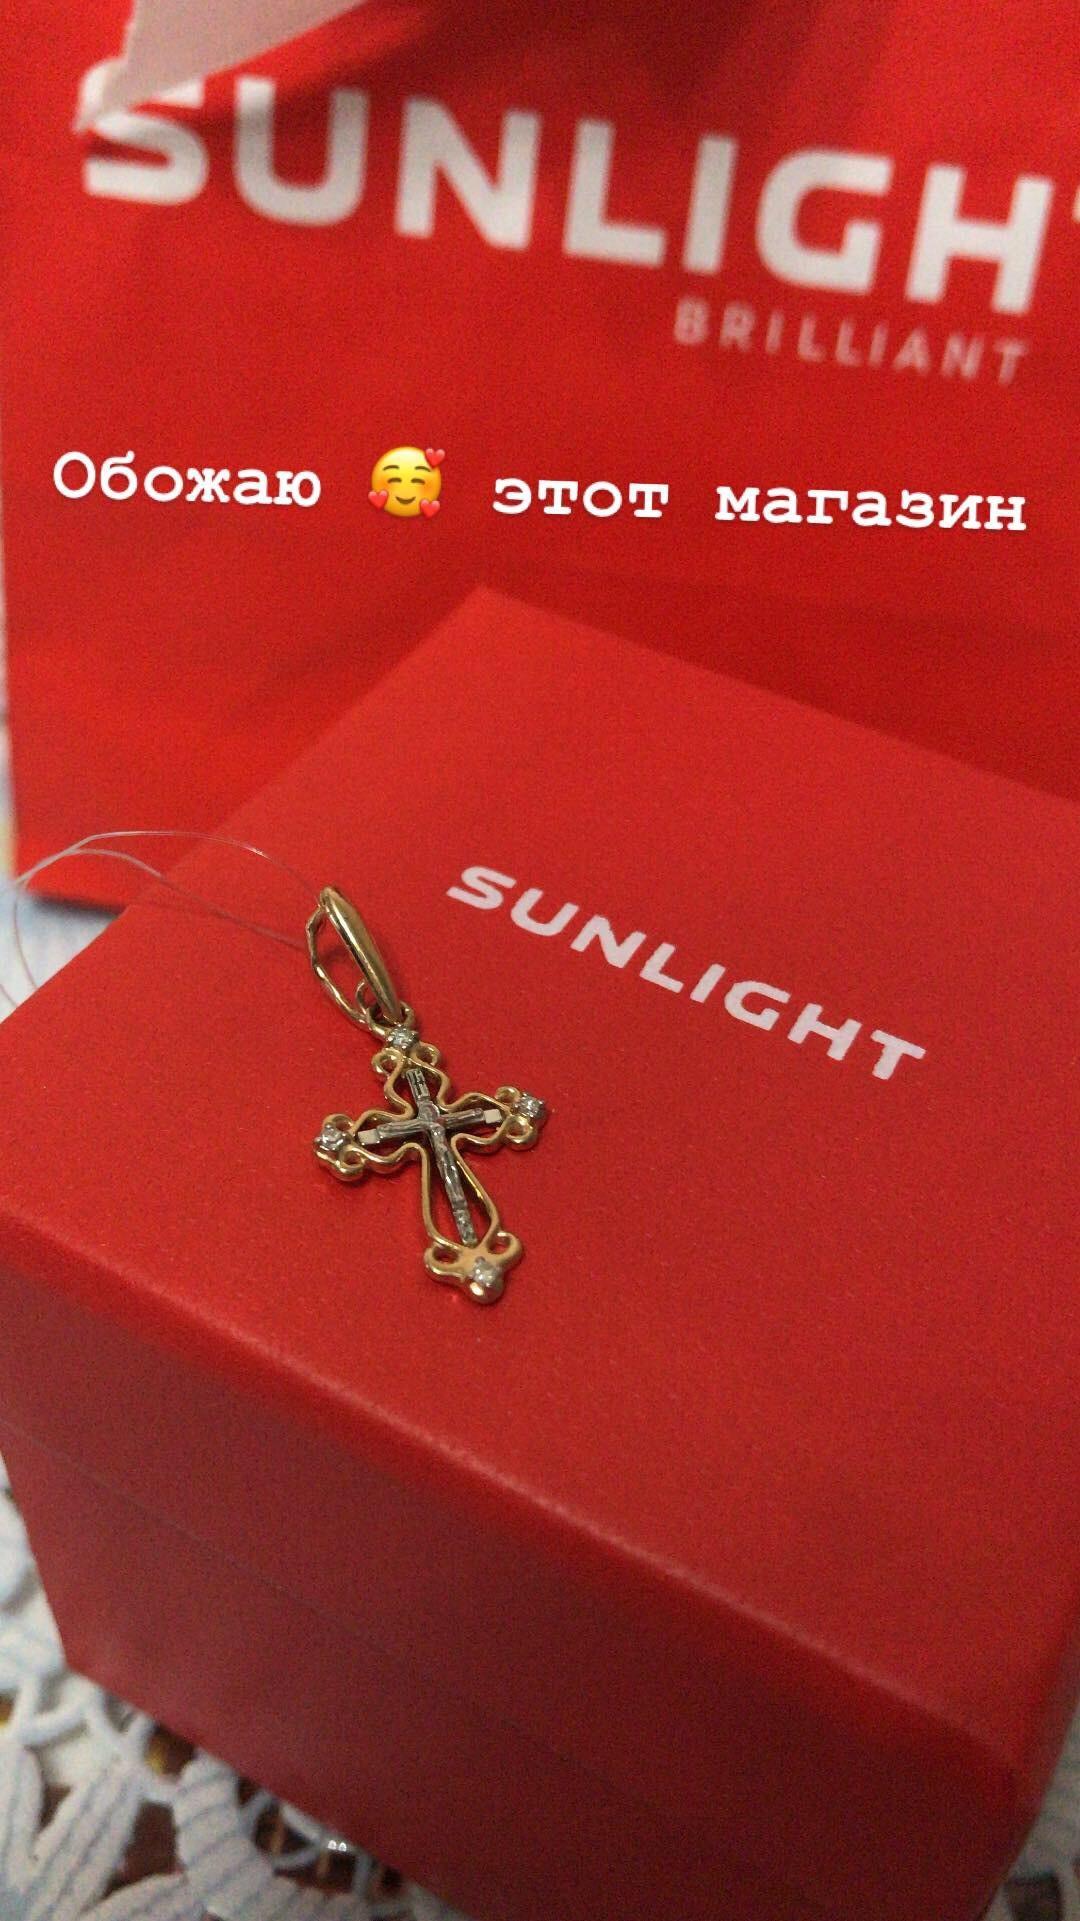 Крестик в бриллиантами